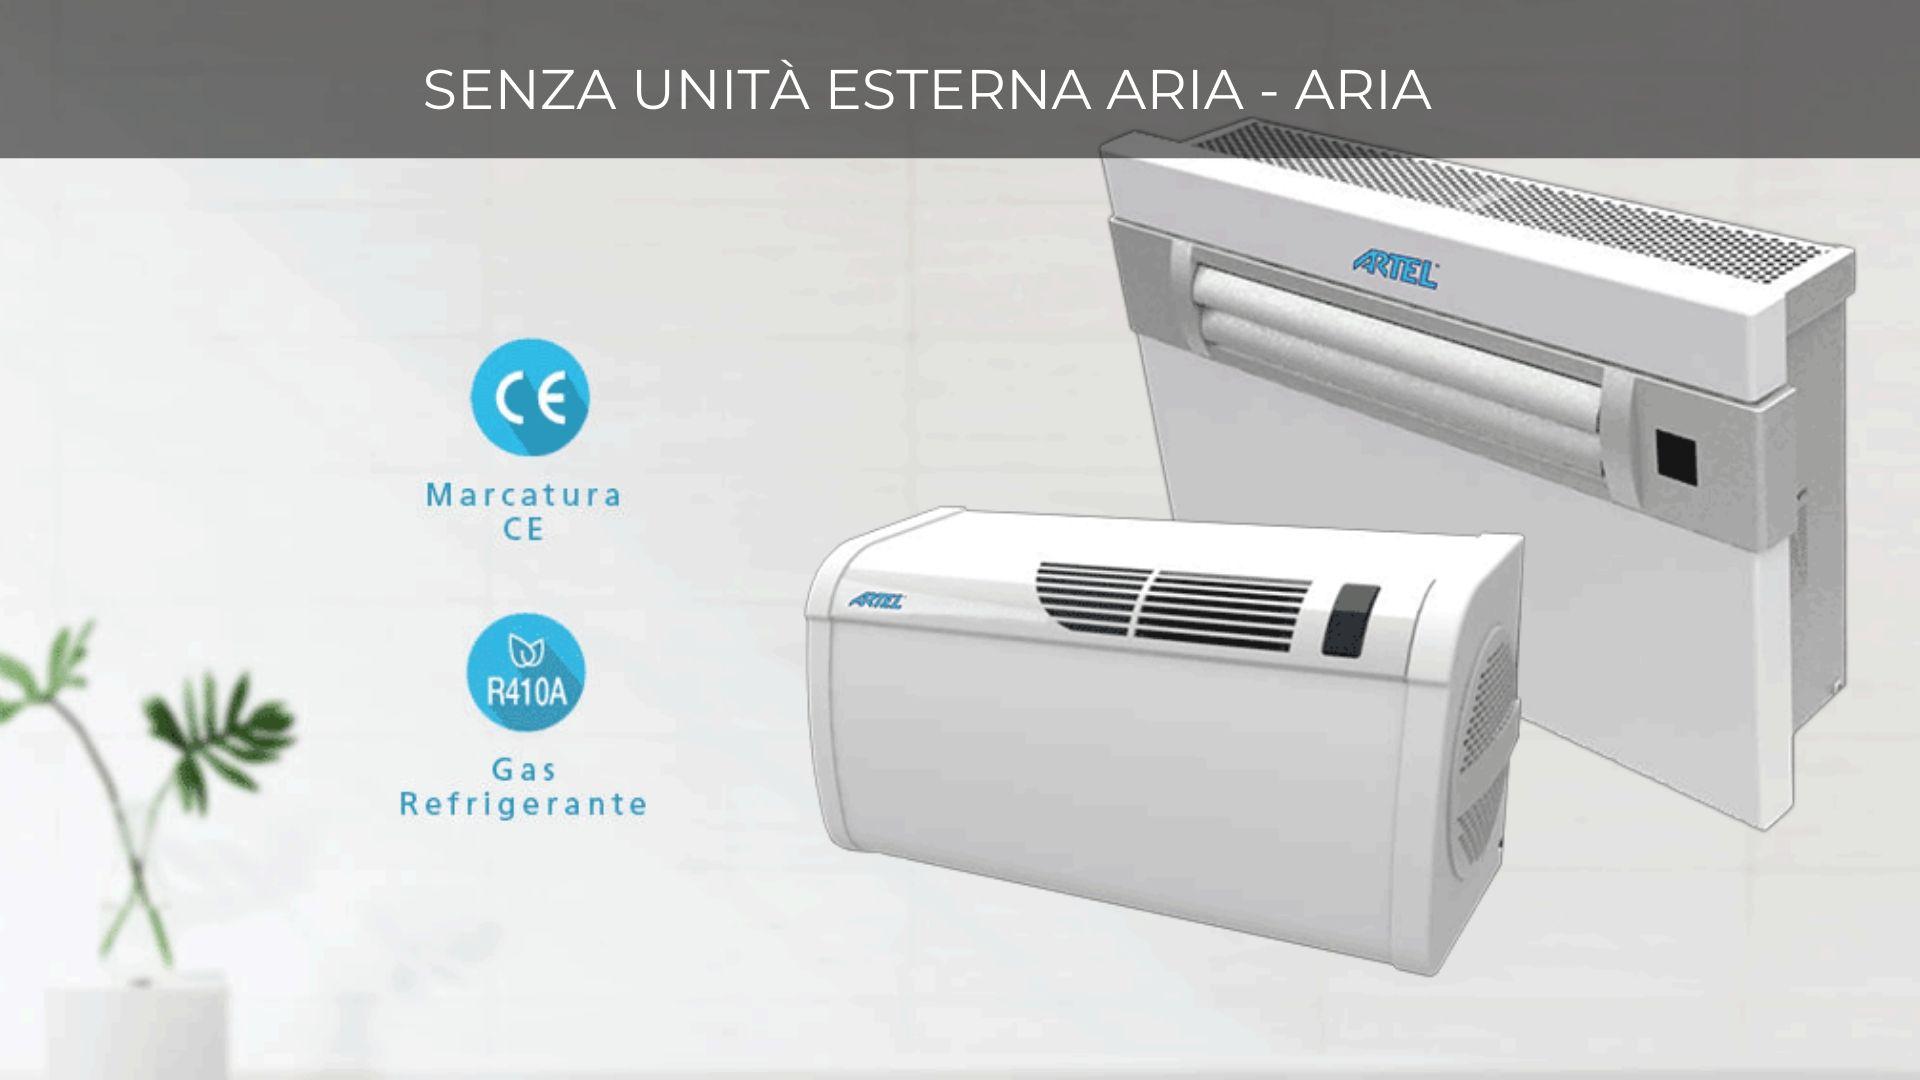 Gamma condizionatori senza unità esterna aria - aria Artel